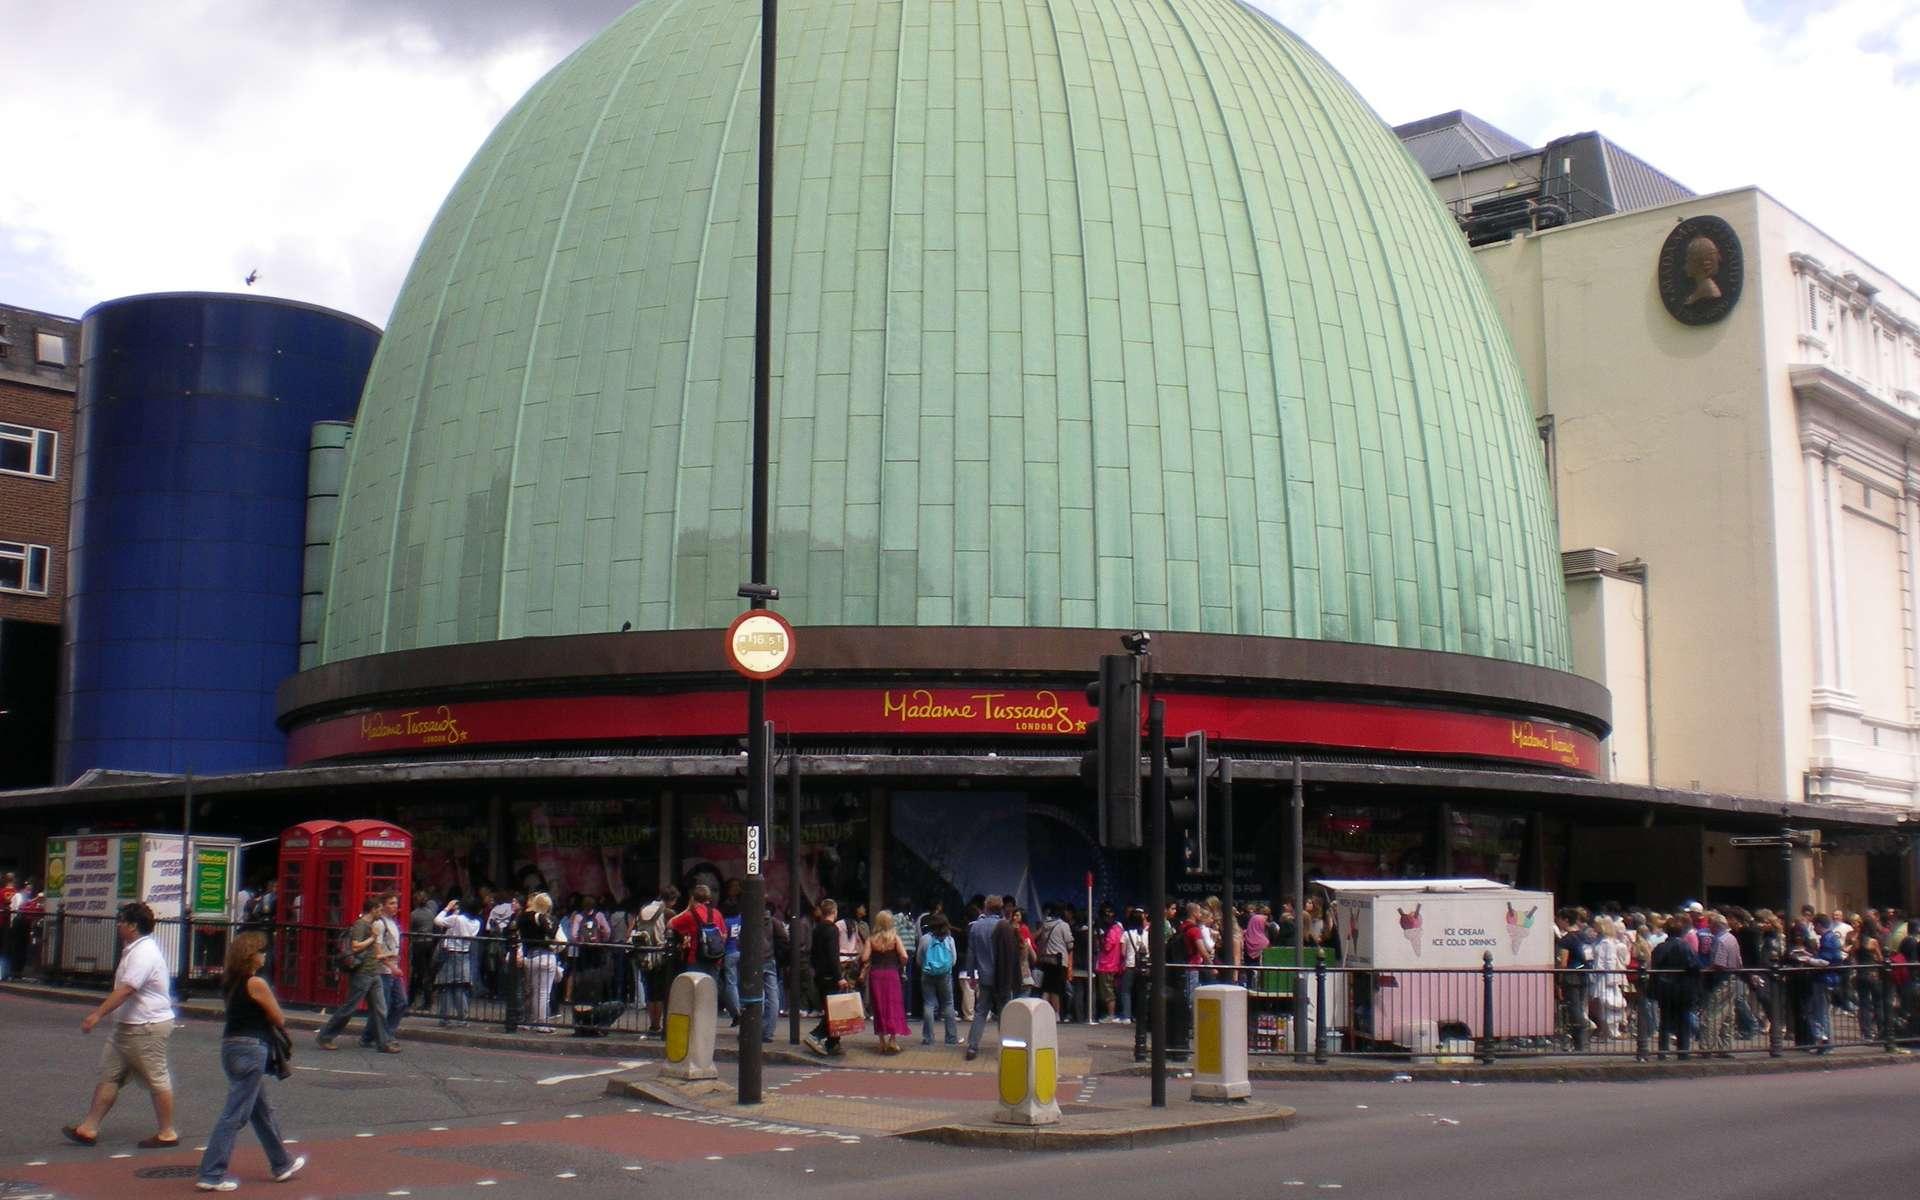 Le musée « Madame Tussauds » à Londres a été inauguré sur Marylebone Road en 1884. © Citoyen59, Wikimedia Commons, CC by-sa 3.0